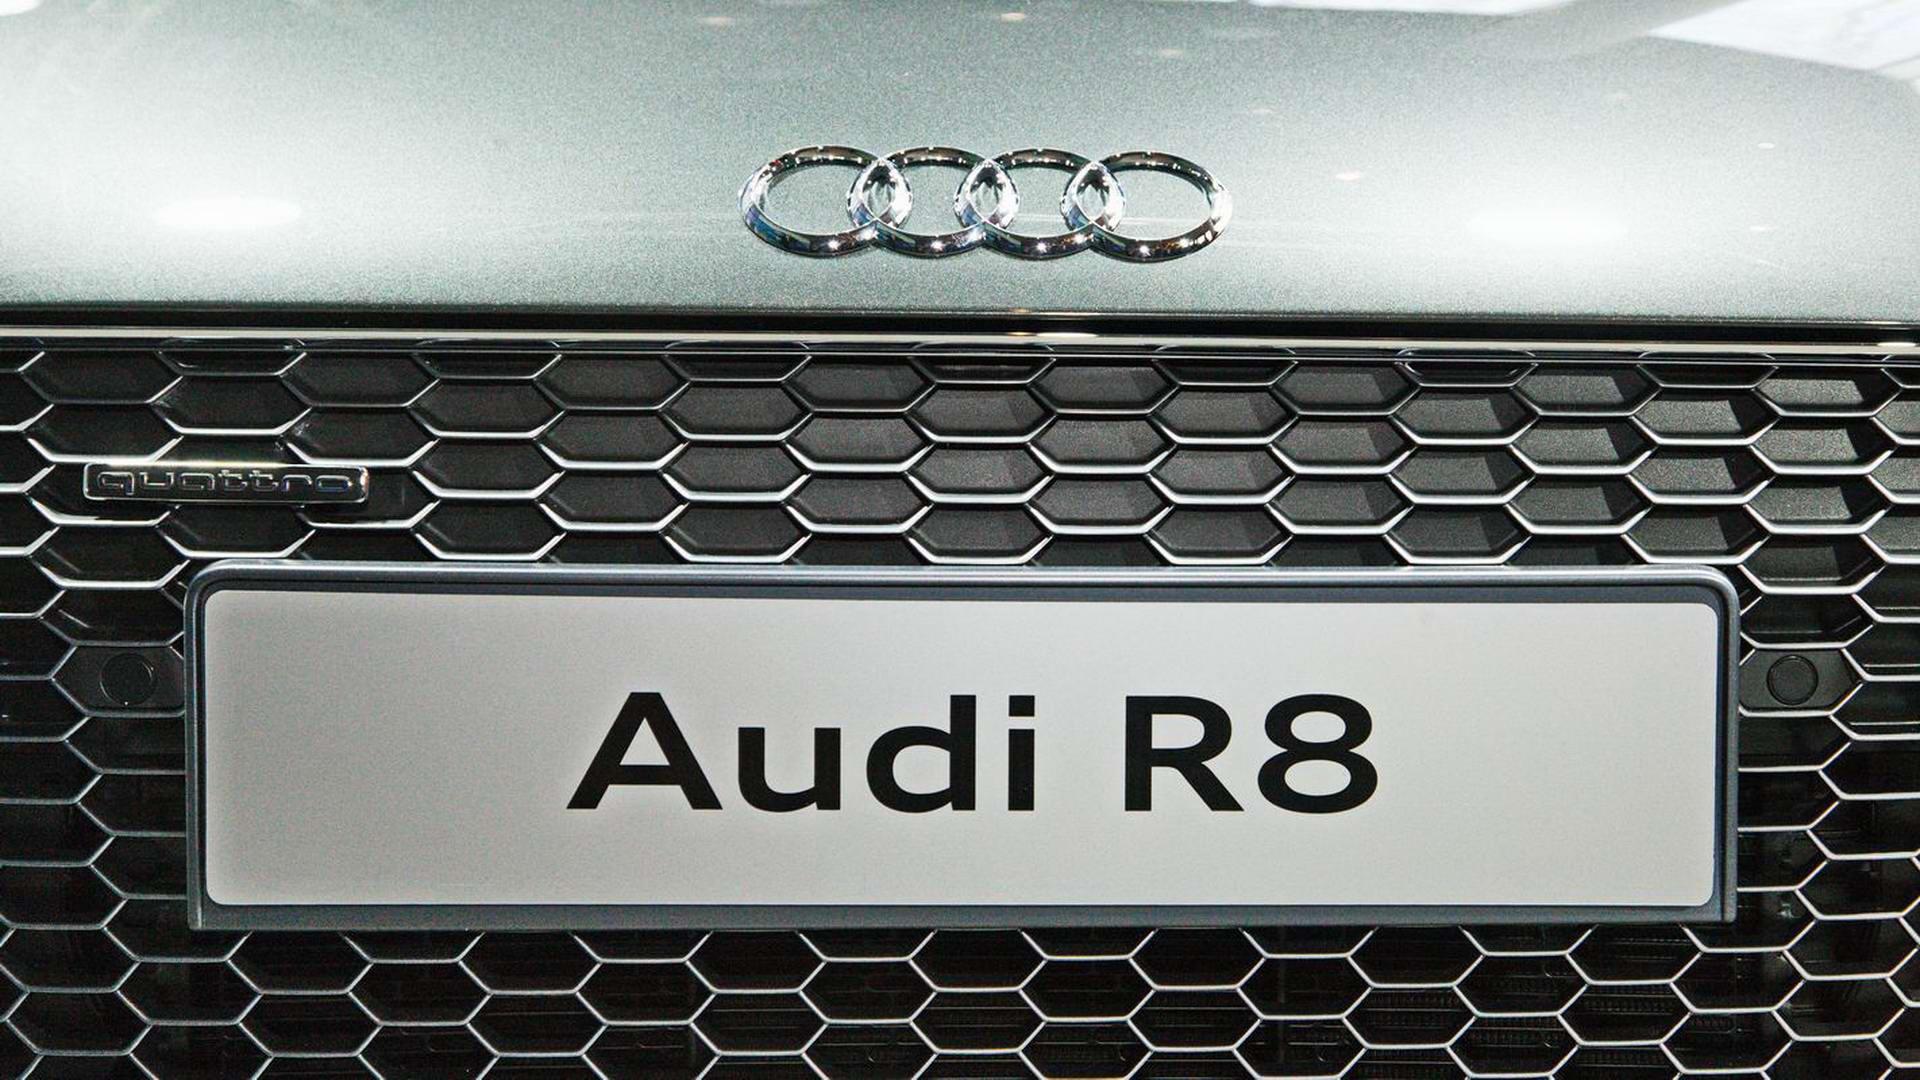 Audi R8 Release Präsentation in der Audi City / Berlin  by Gregor Anthes